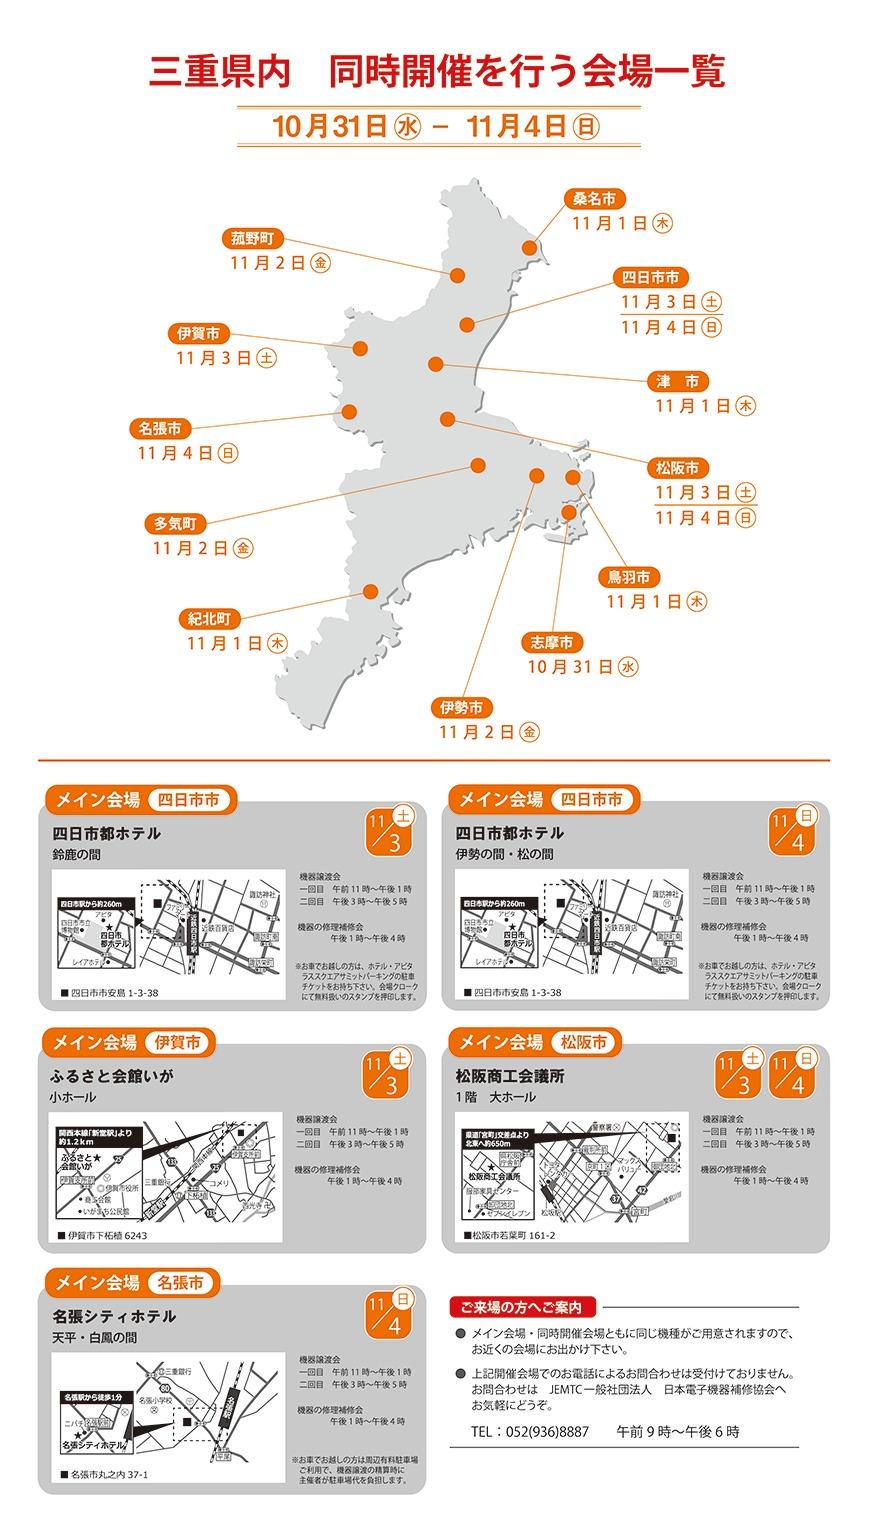 ジェムテクノートパソコン有償譲渡会in三重_他開催会場